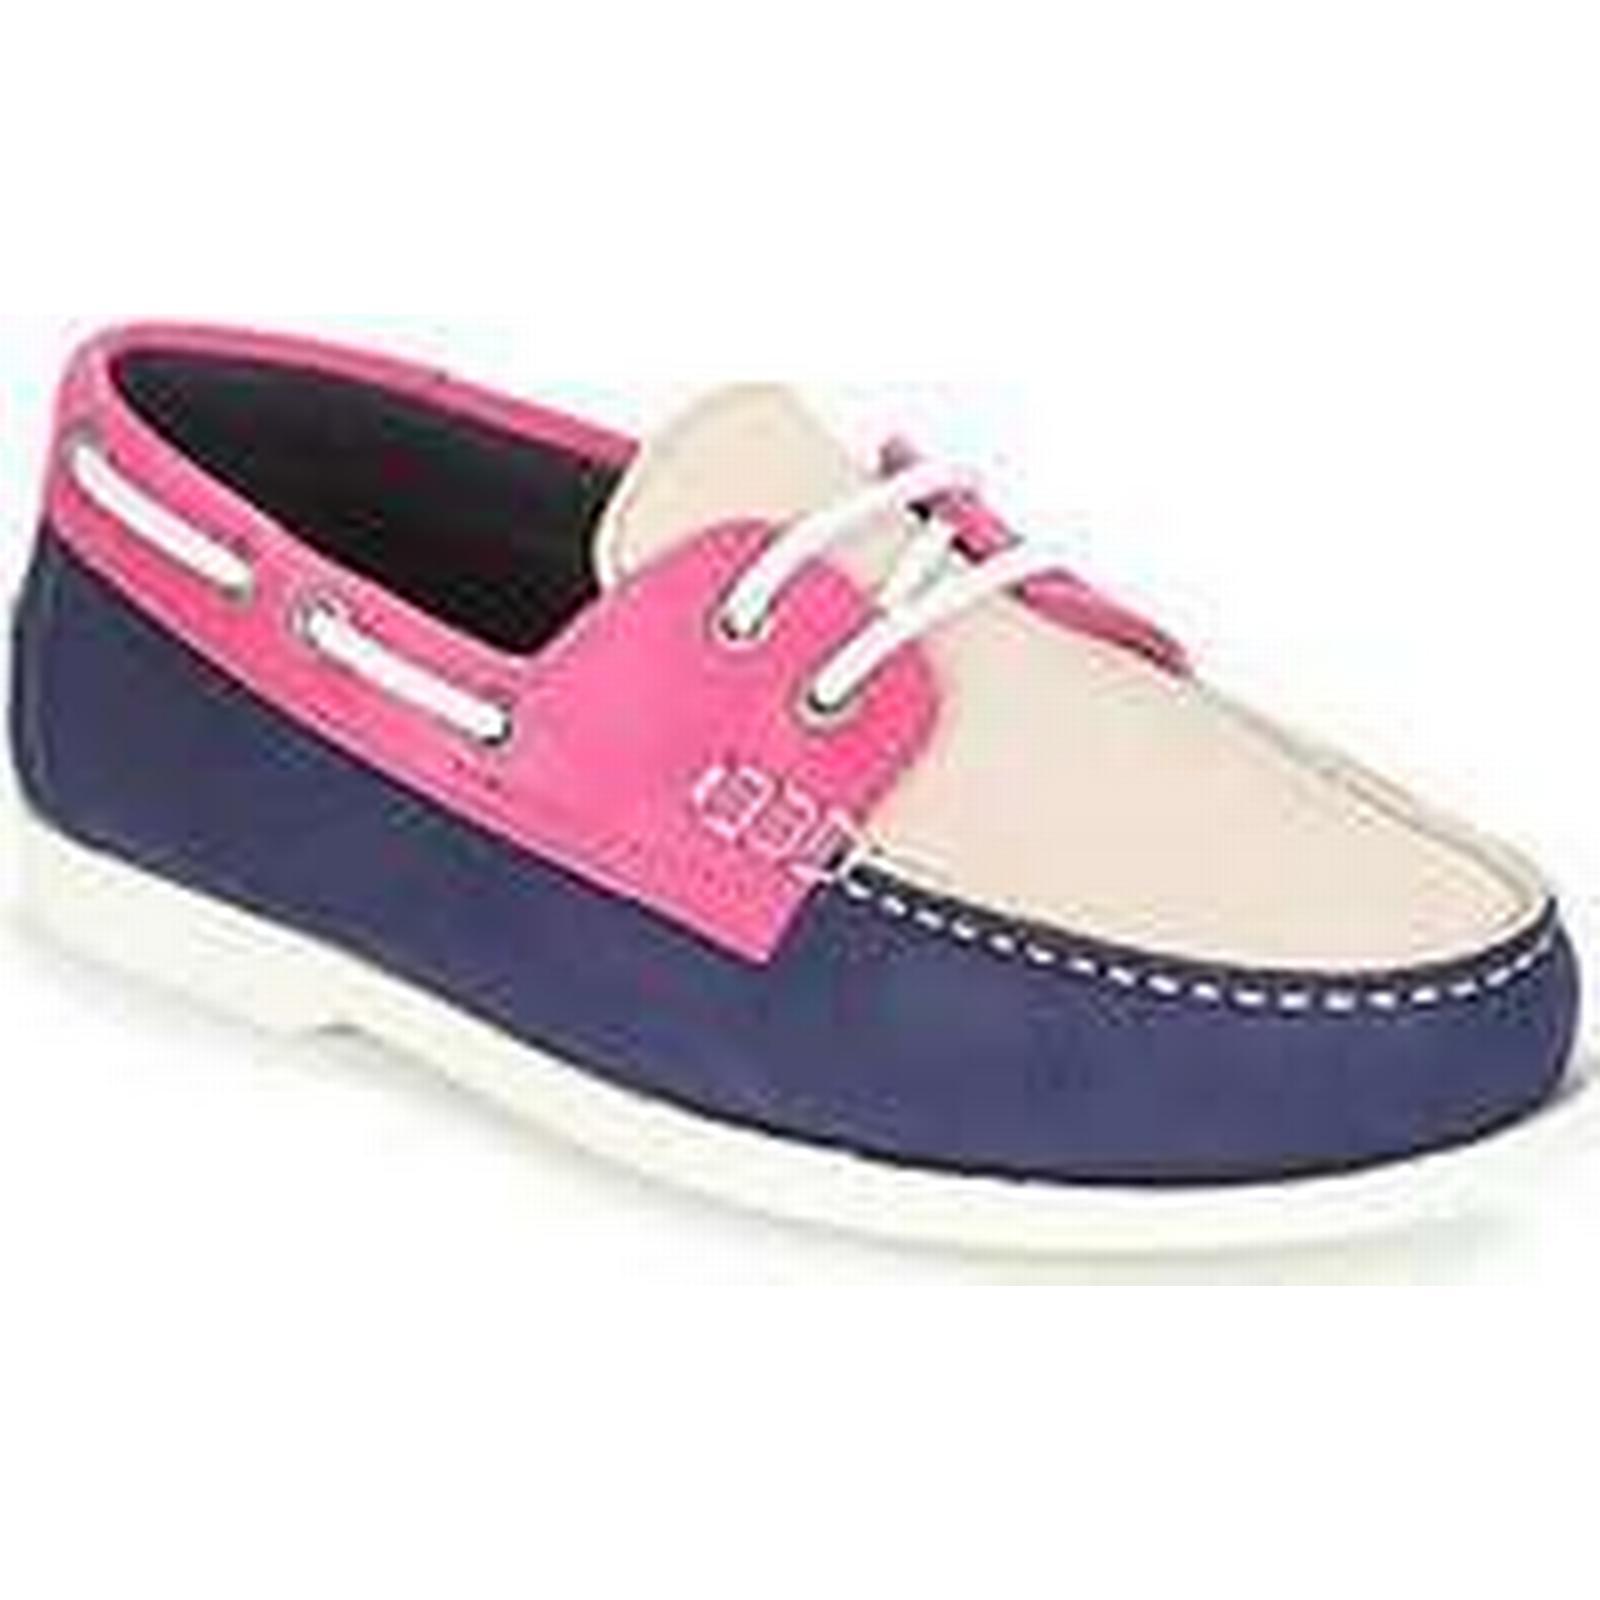 Des ; Chaussures co amp; S uk W Spartoo Femmes Aigle Havson qpwPZxYBz